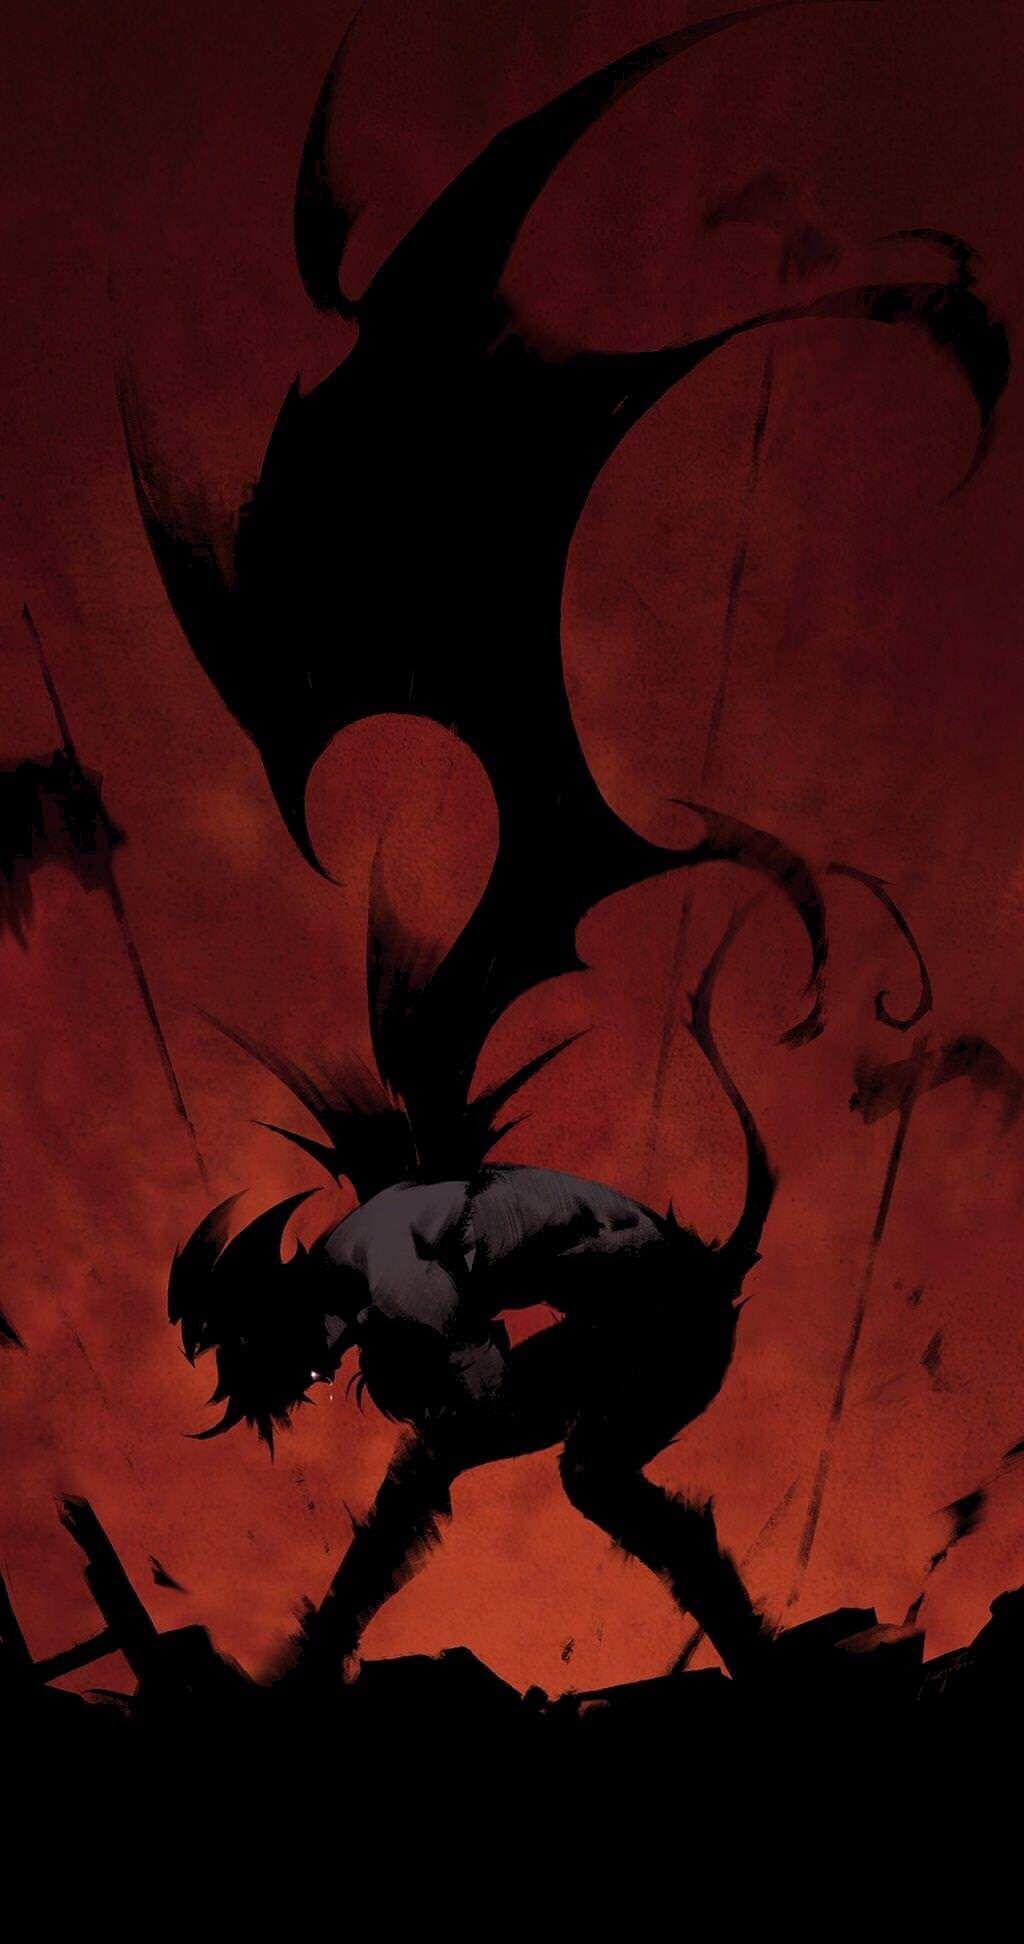 Devilman crybaby wallpaper